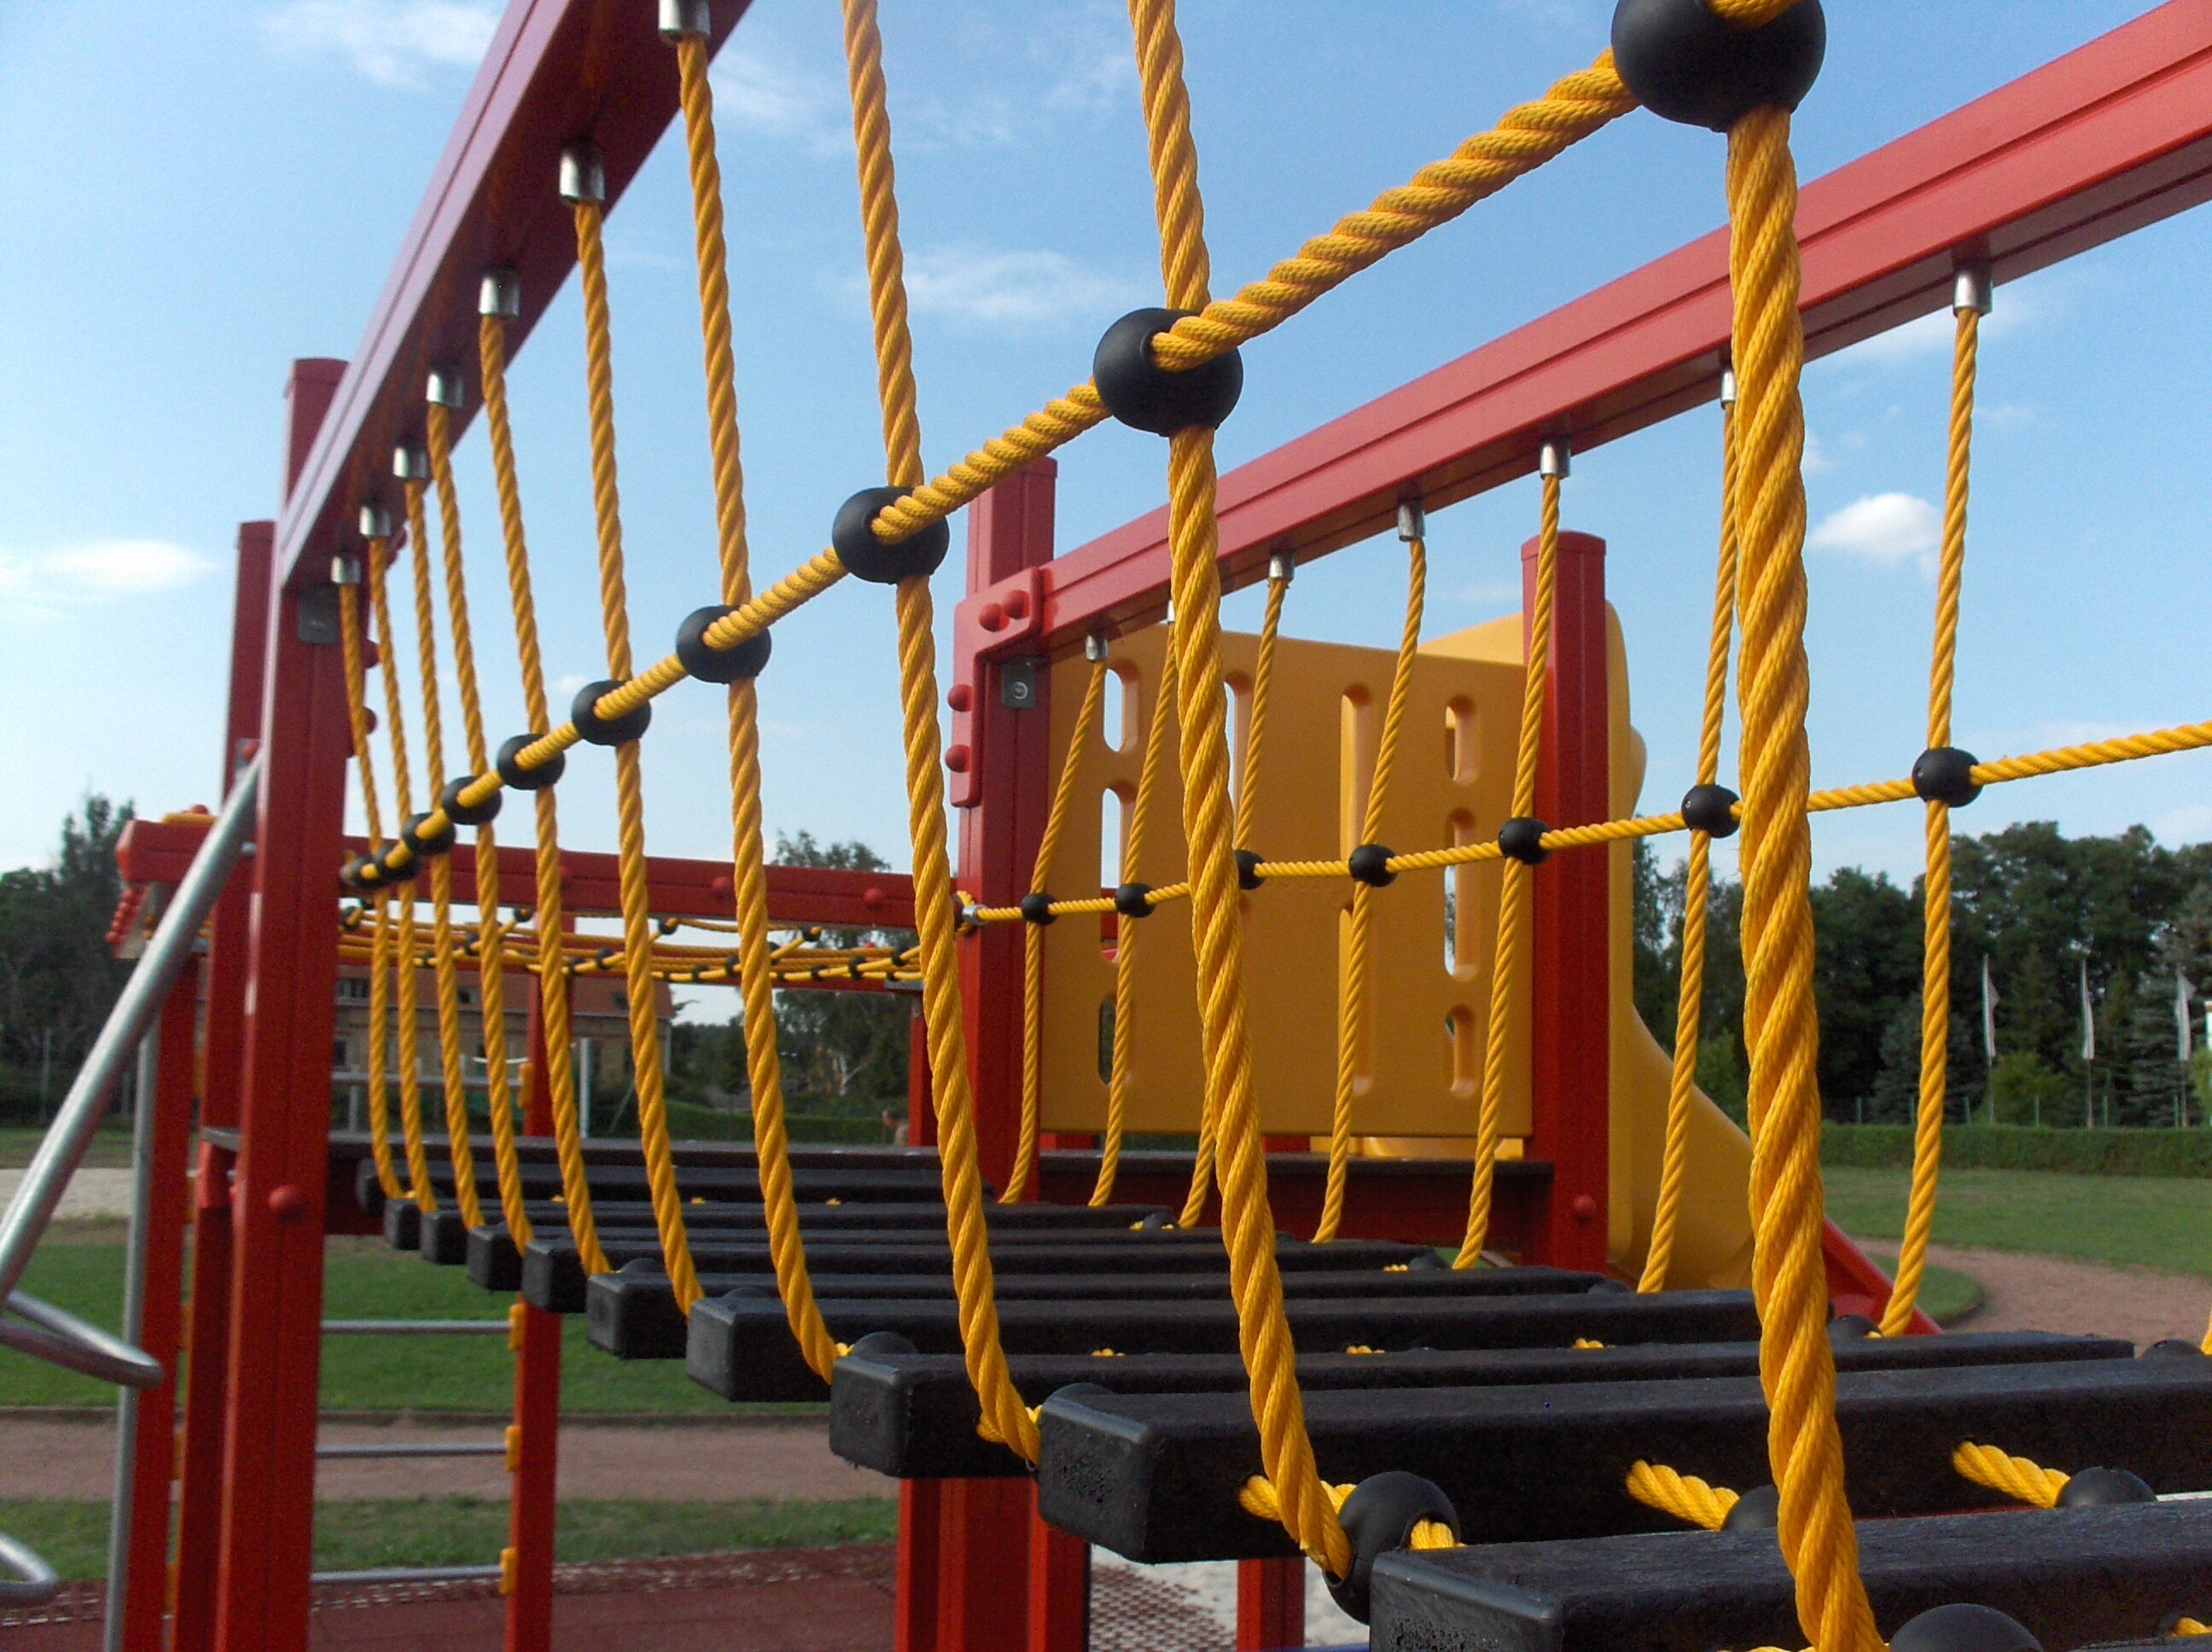 Spielplatz Tröbitz Hängebrücke